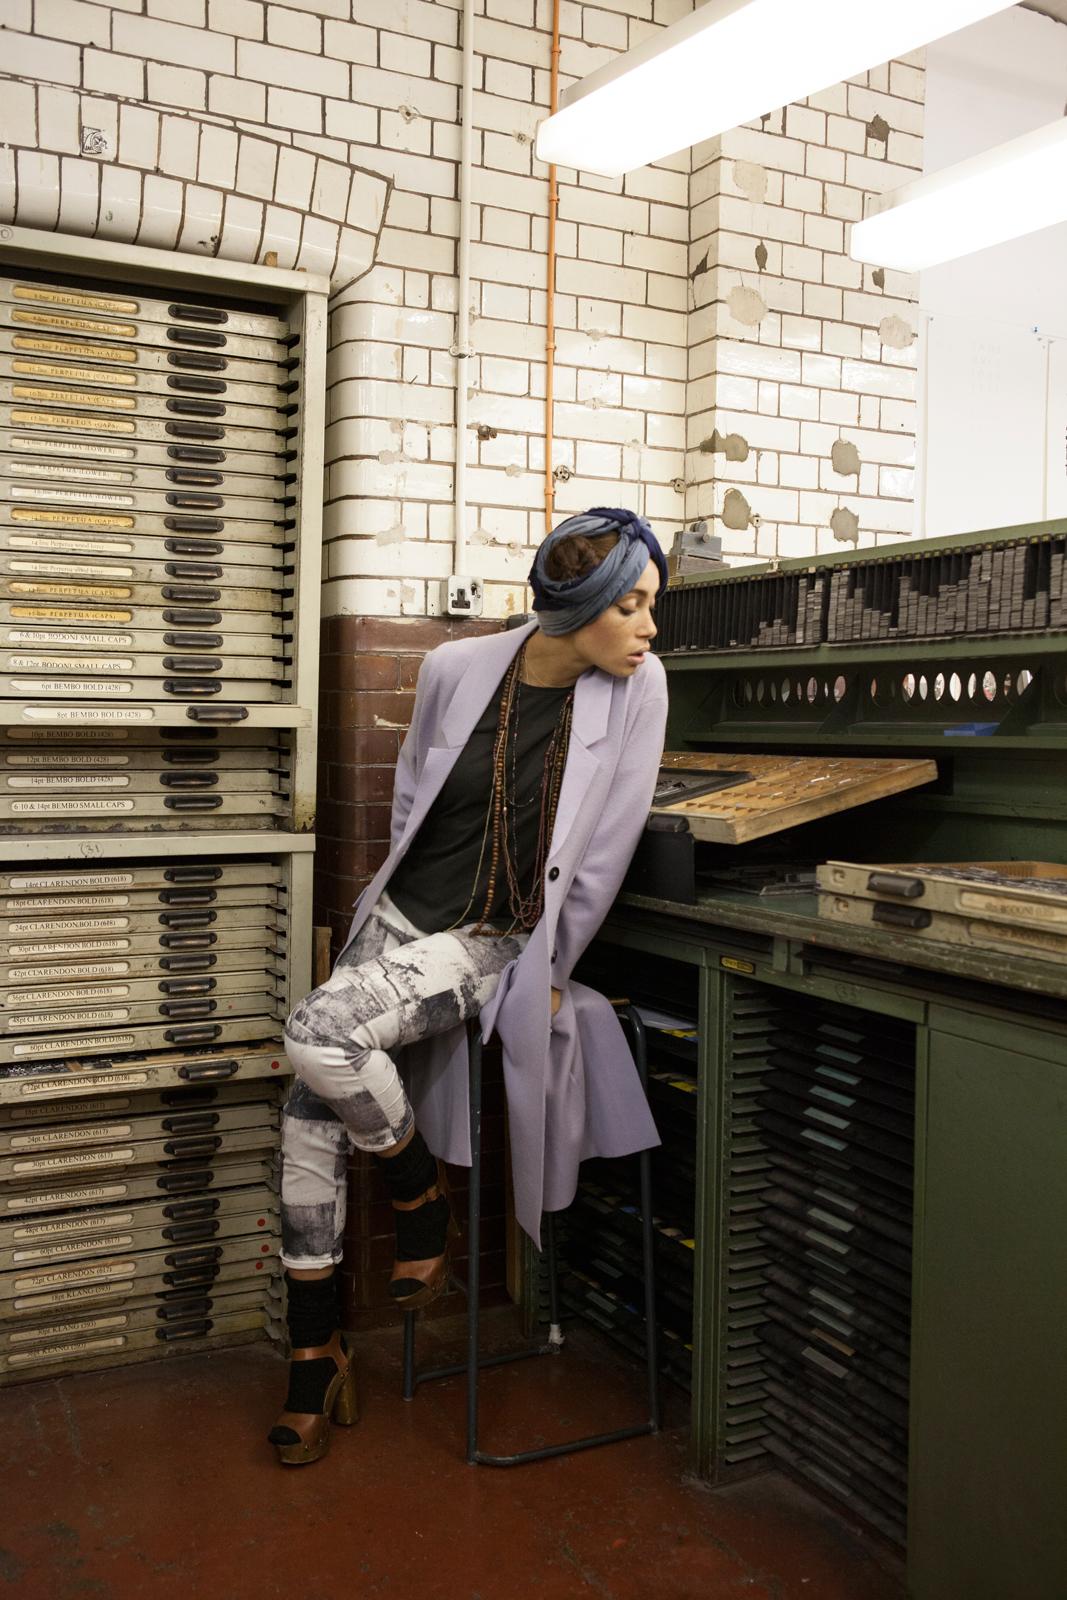 Plane lavander merino wool coat  BURBERRY PRORSUM , marble effect denim trousers  SUPERFINE ,grey cotton t-shirt  TOPSHOP , wooden platform sandals  CHLOÉ Vintage.